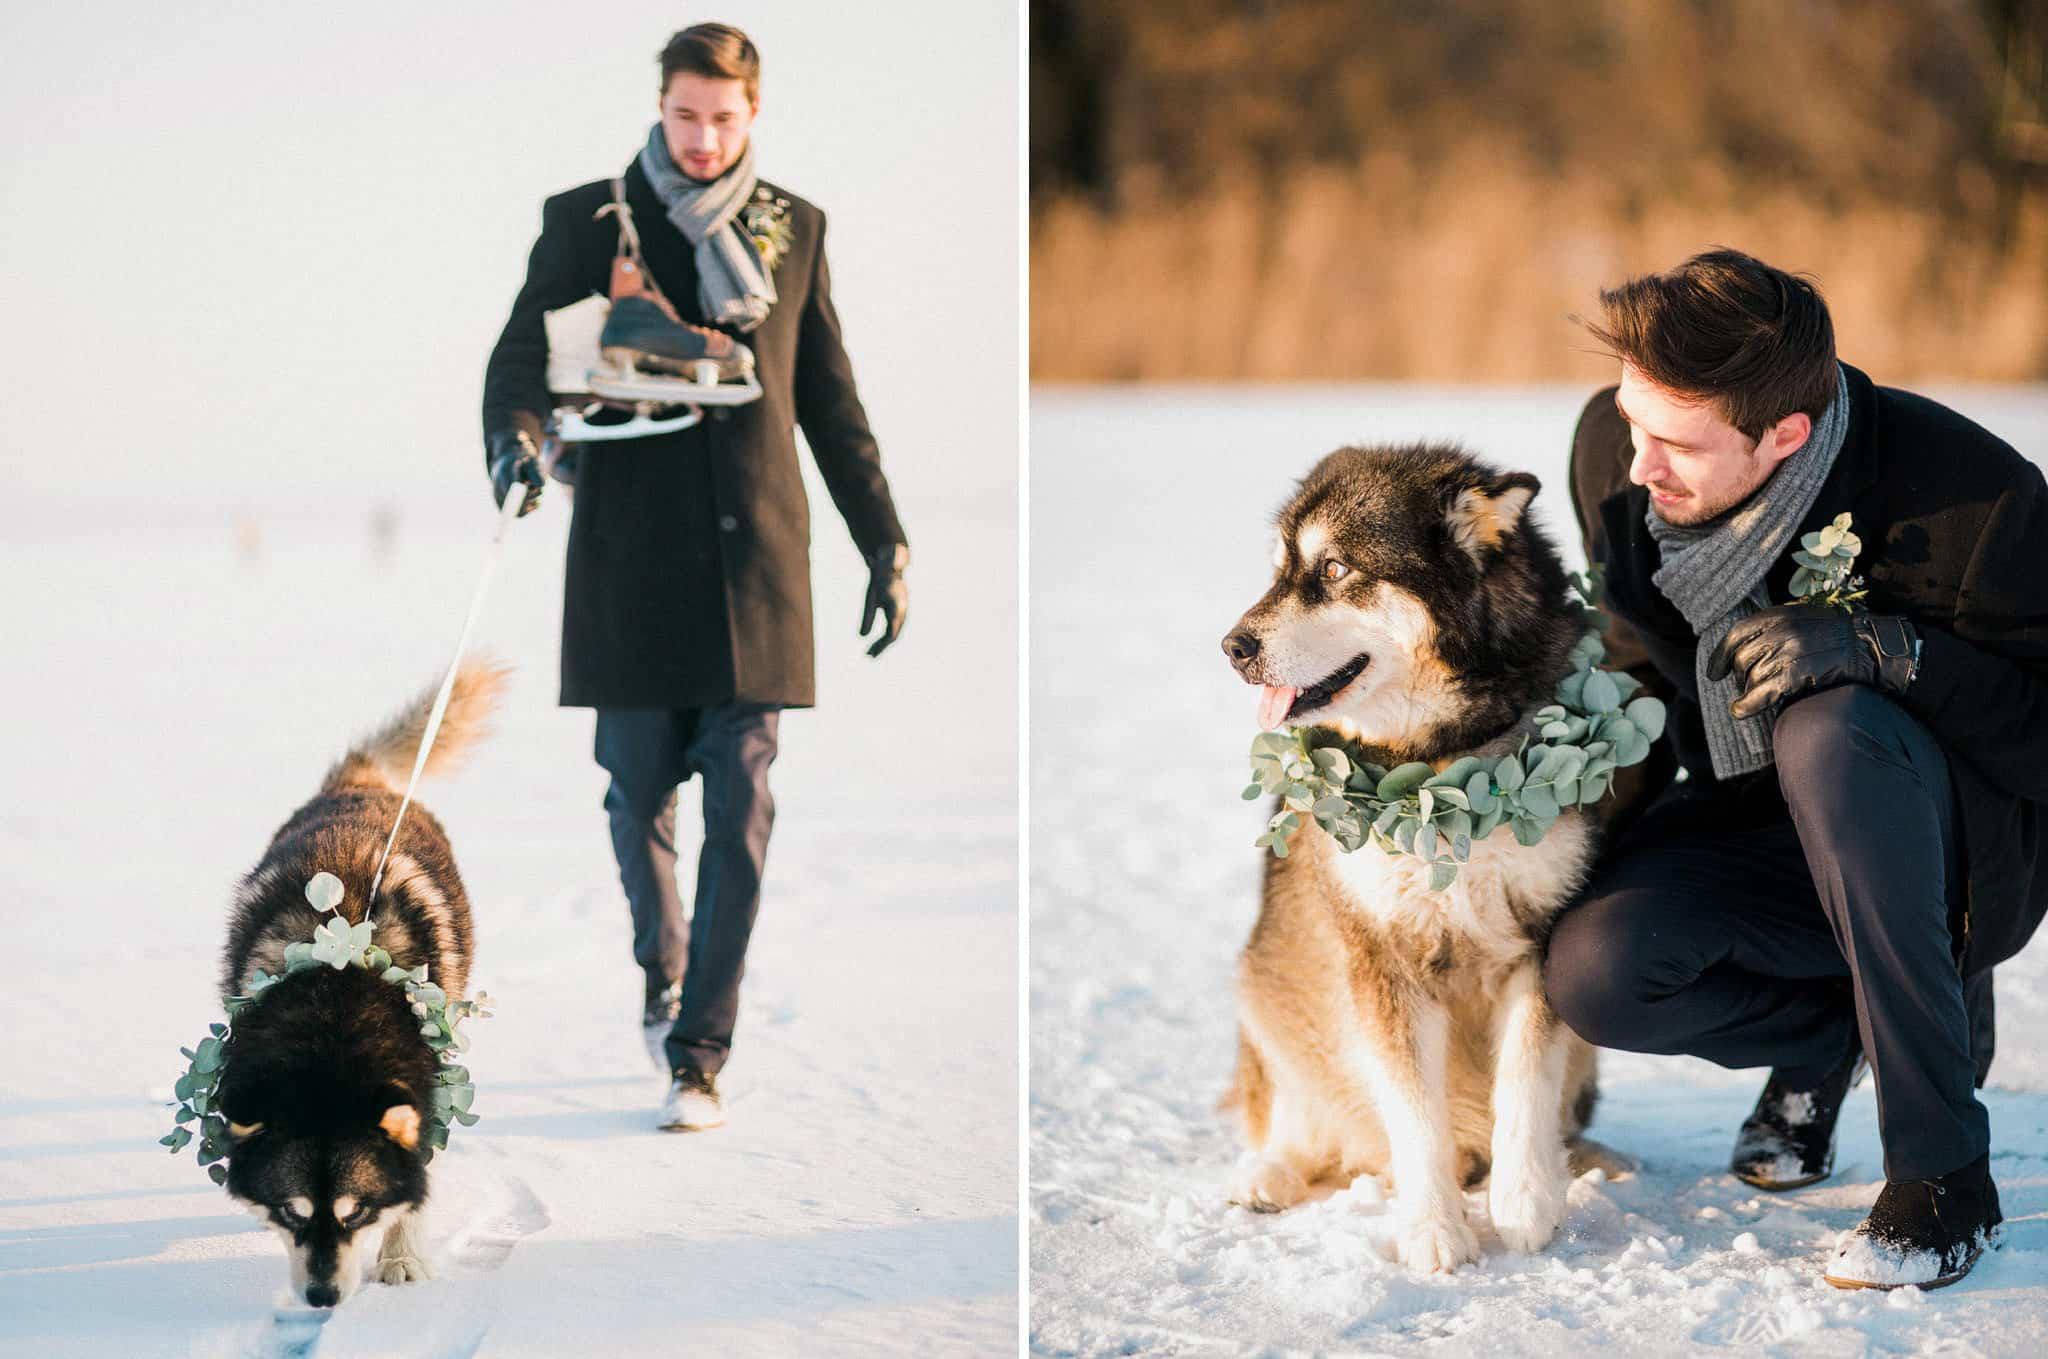 35_wedoverhills_man_walking_dog_with_skates